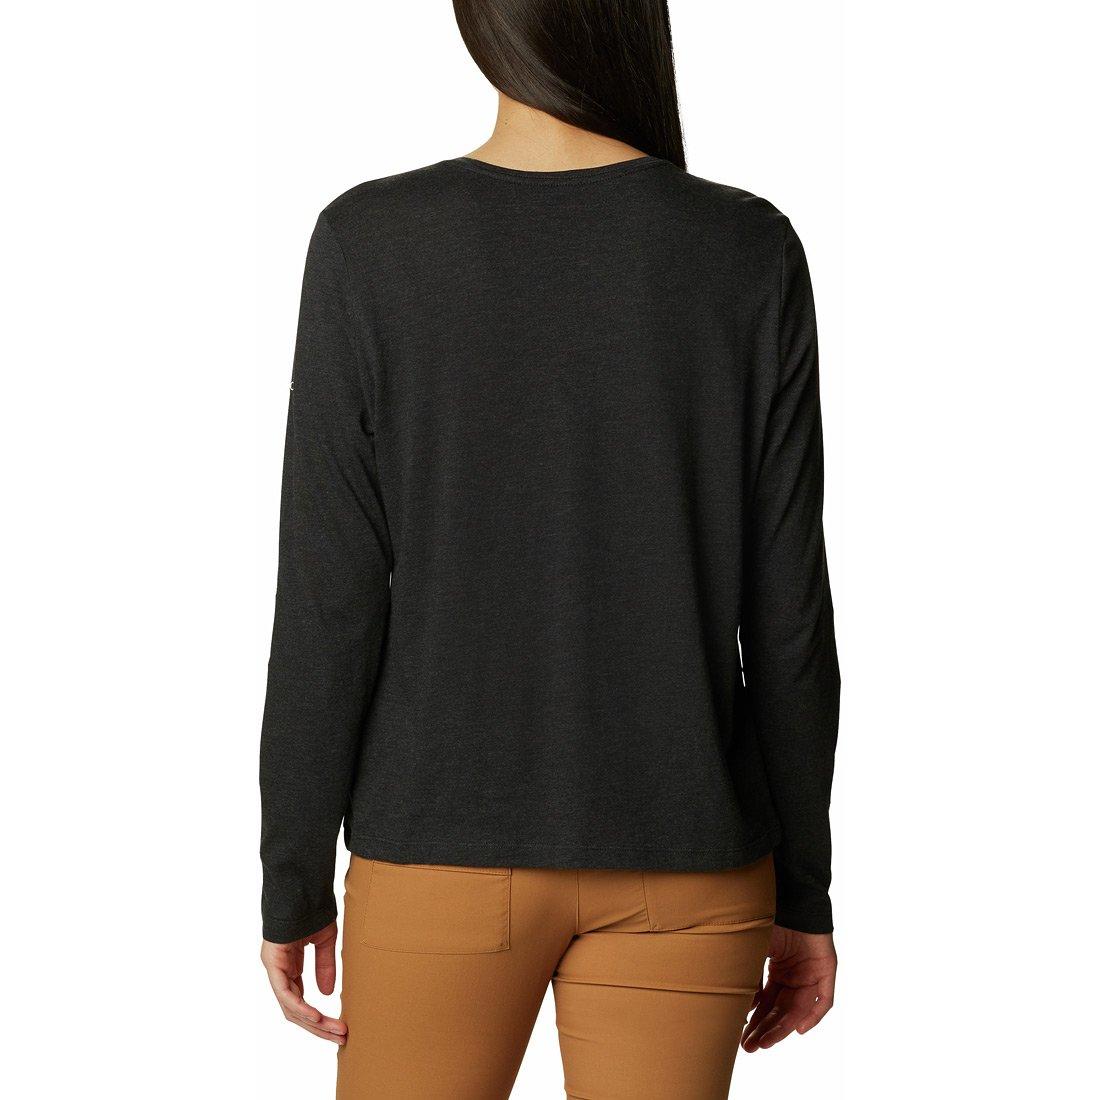 חולצה ארוכה לנשים - Columbia Trek Relaxed L/S T - Columbia